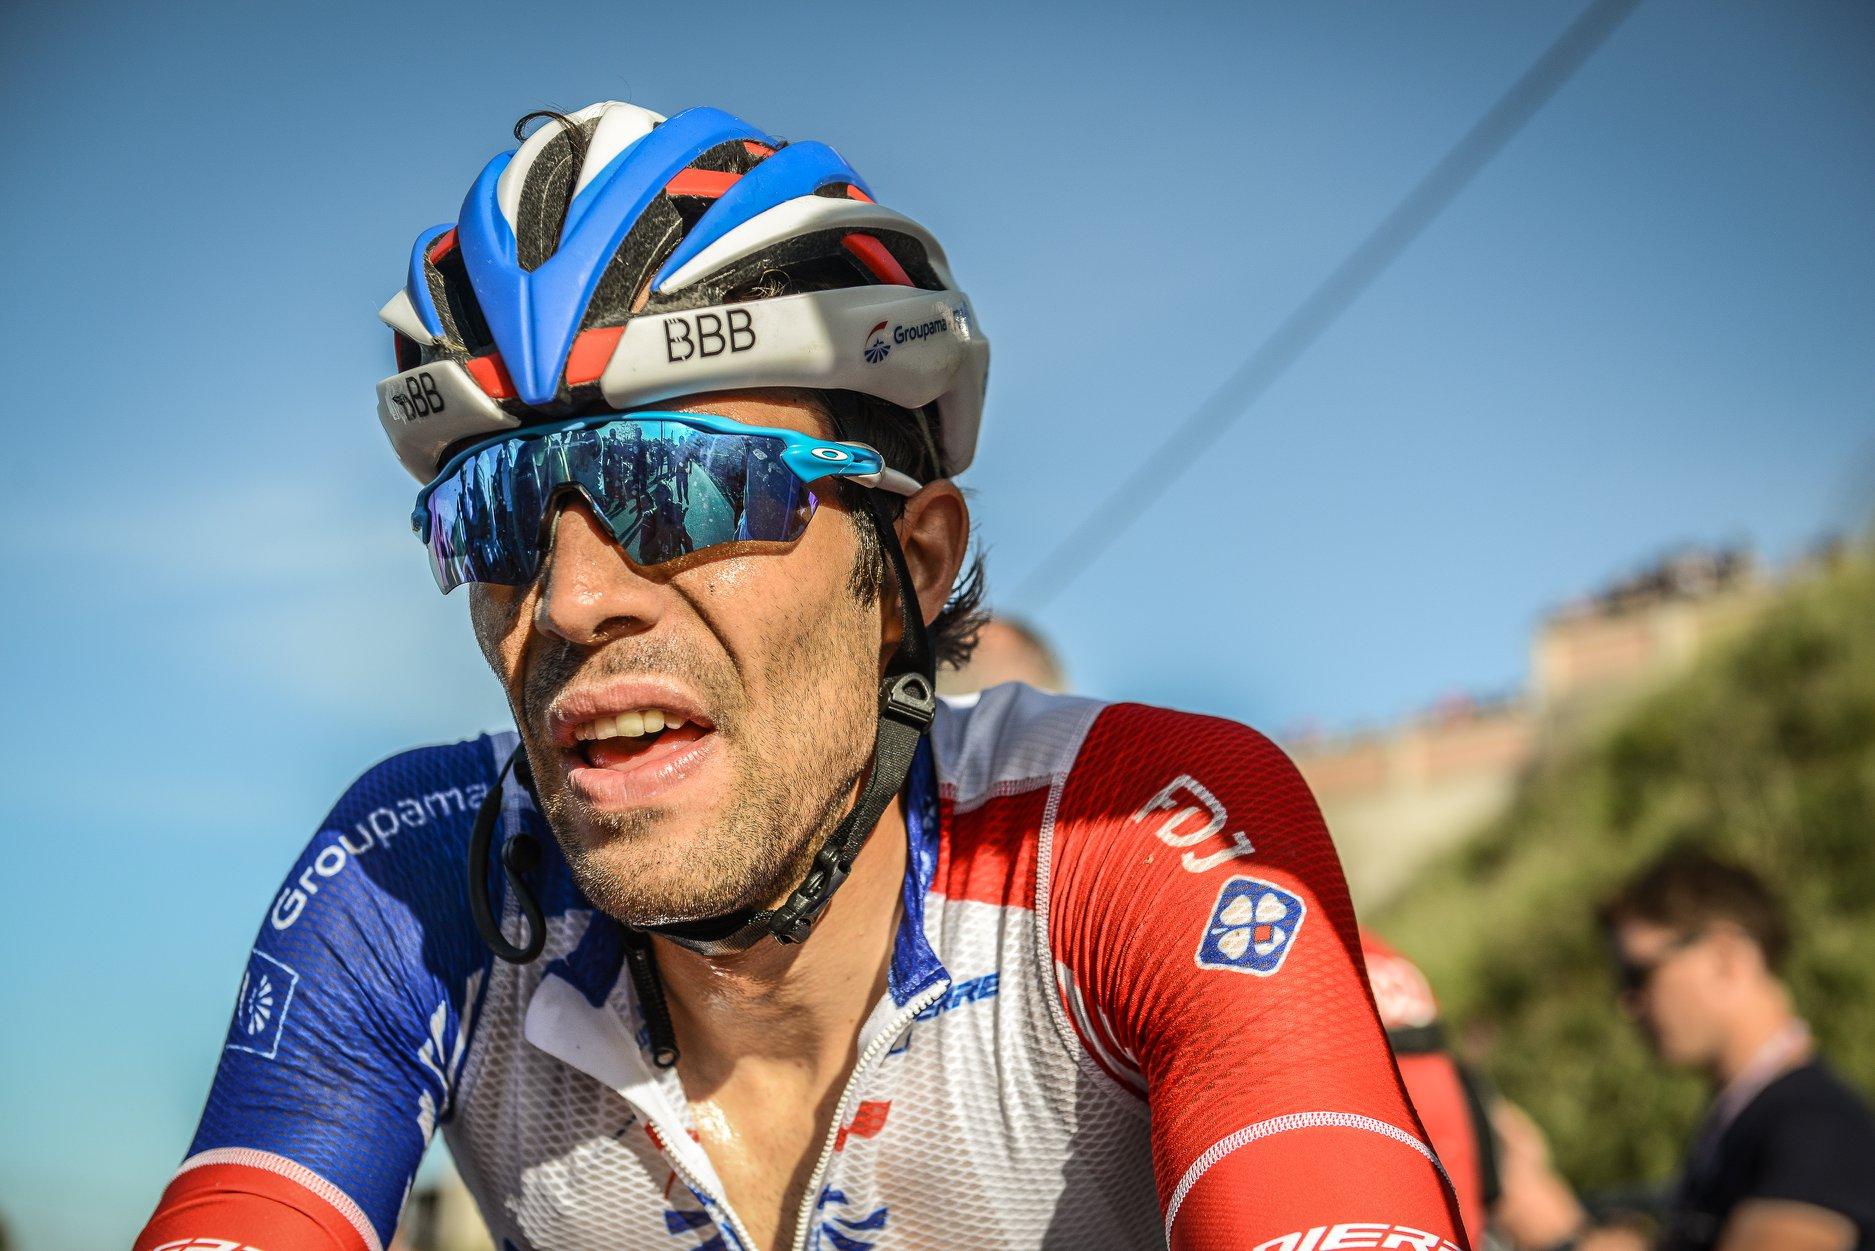 Giro de Italia - Thibaut Pinot JoanSeguidor